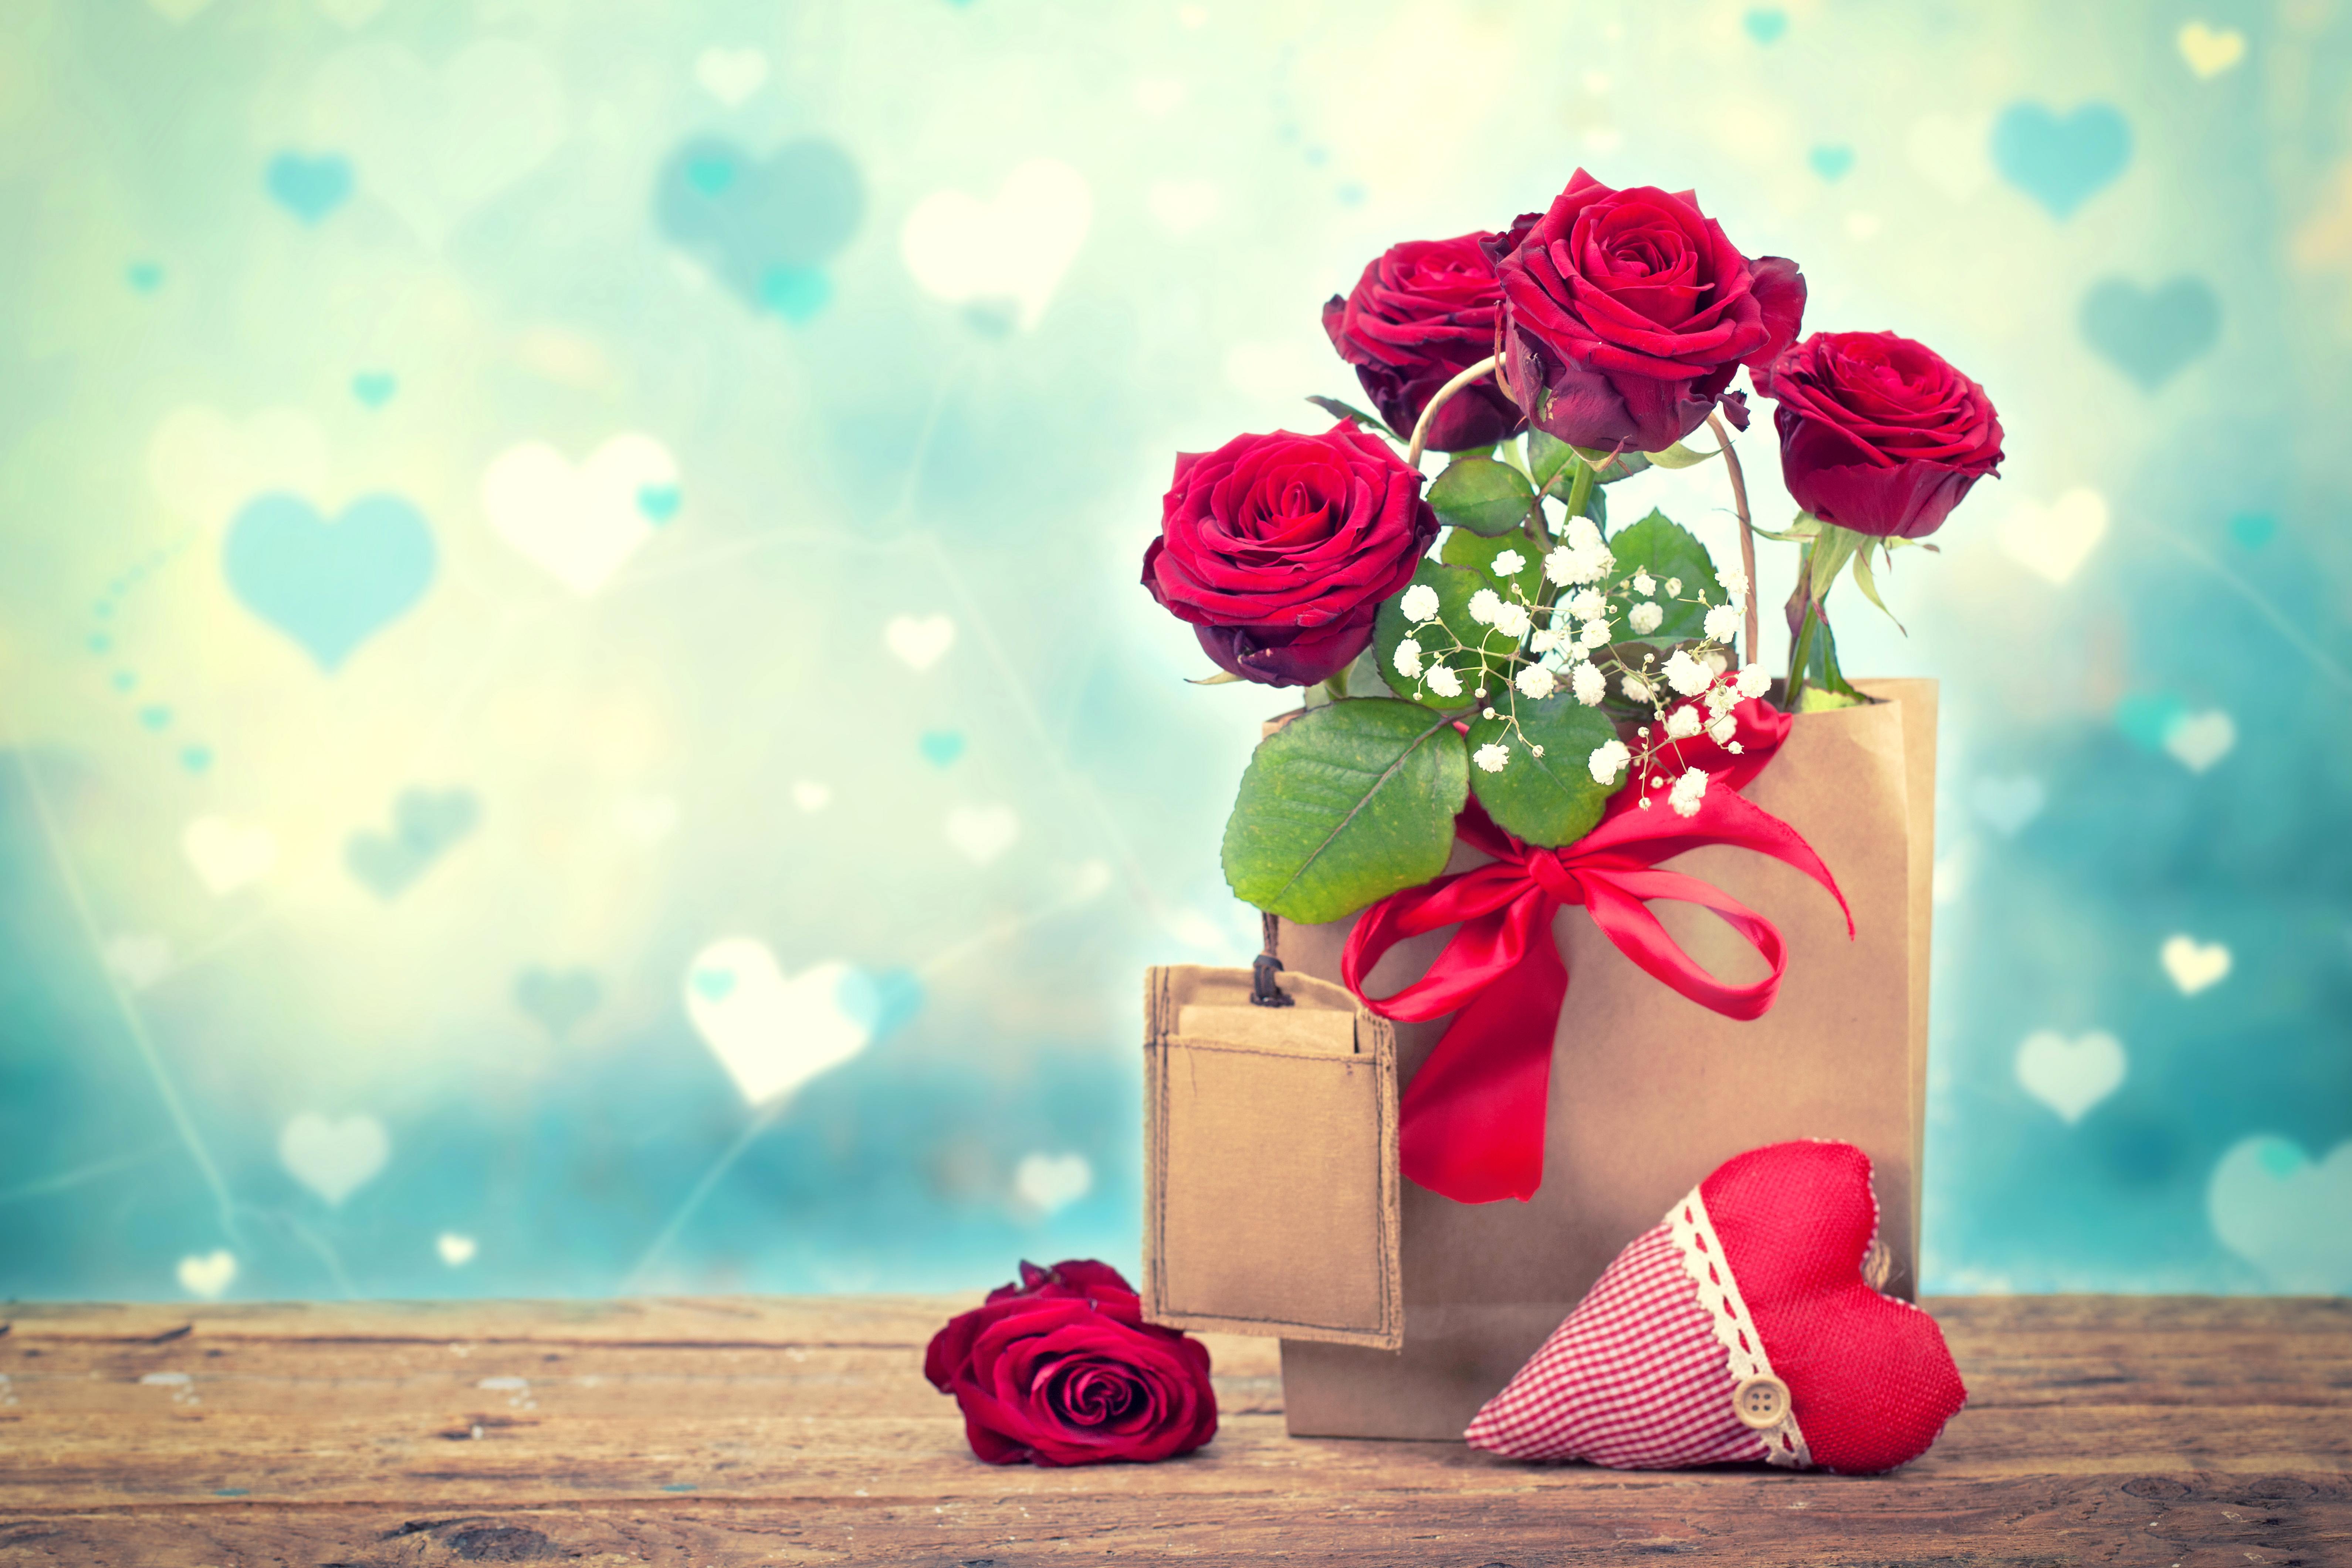 розы,упаковка,букет,праздник  № 759806 загрузить